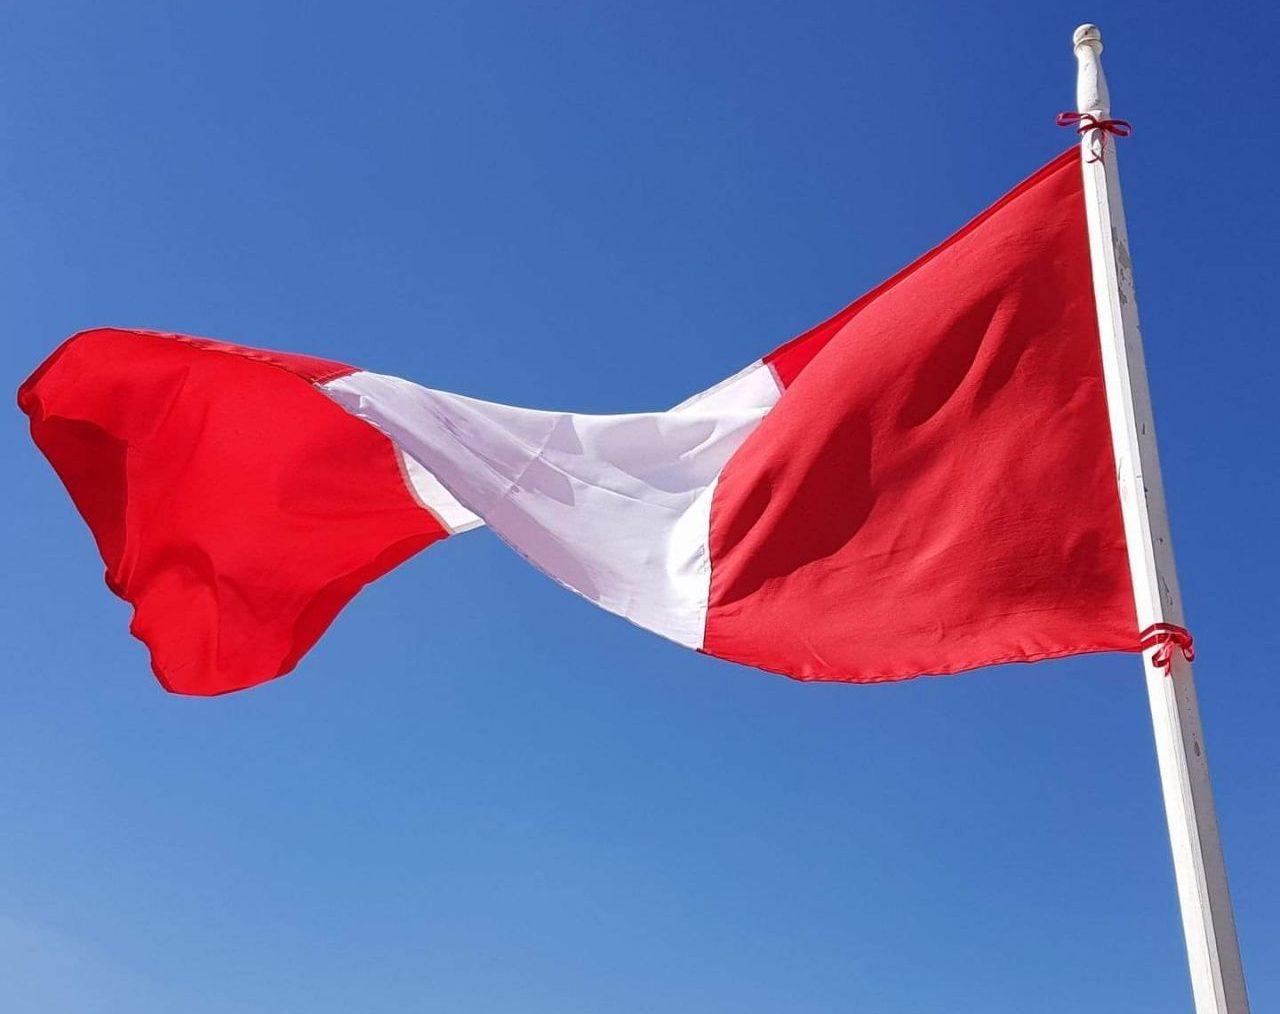 CONOCE AQUÍ ALGUNAS FECHAS. Municipios arequipeños disponen embanderamiento general, al conmemorarse el Bicentenario de la Independencia del Perú